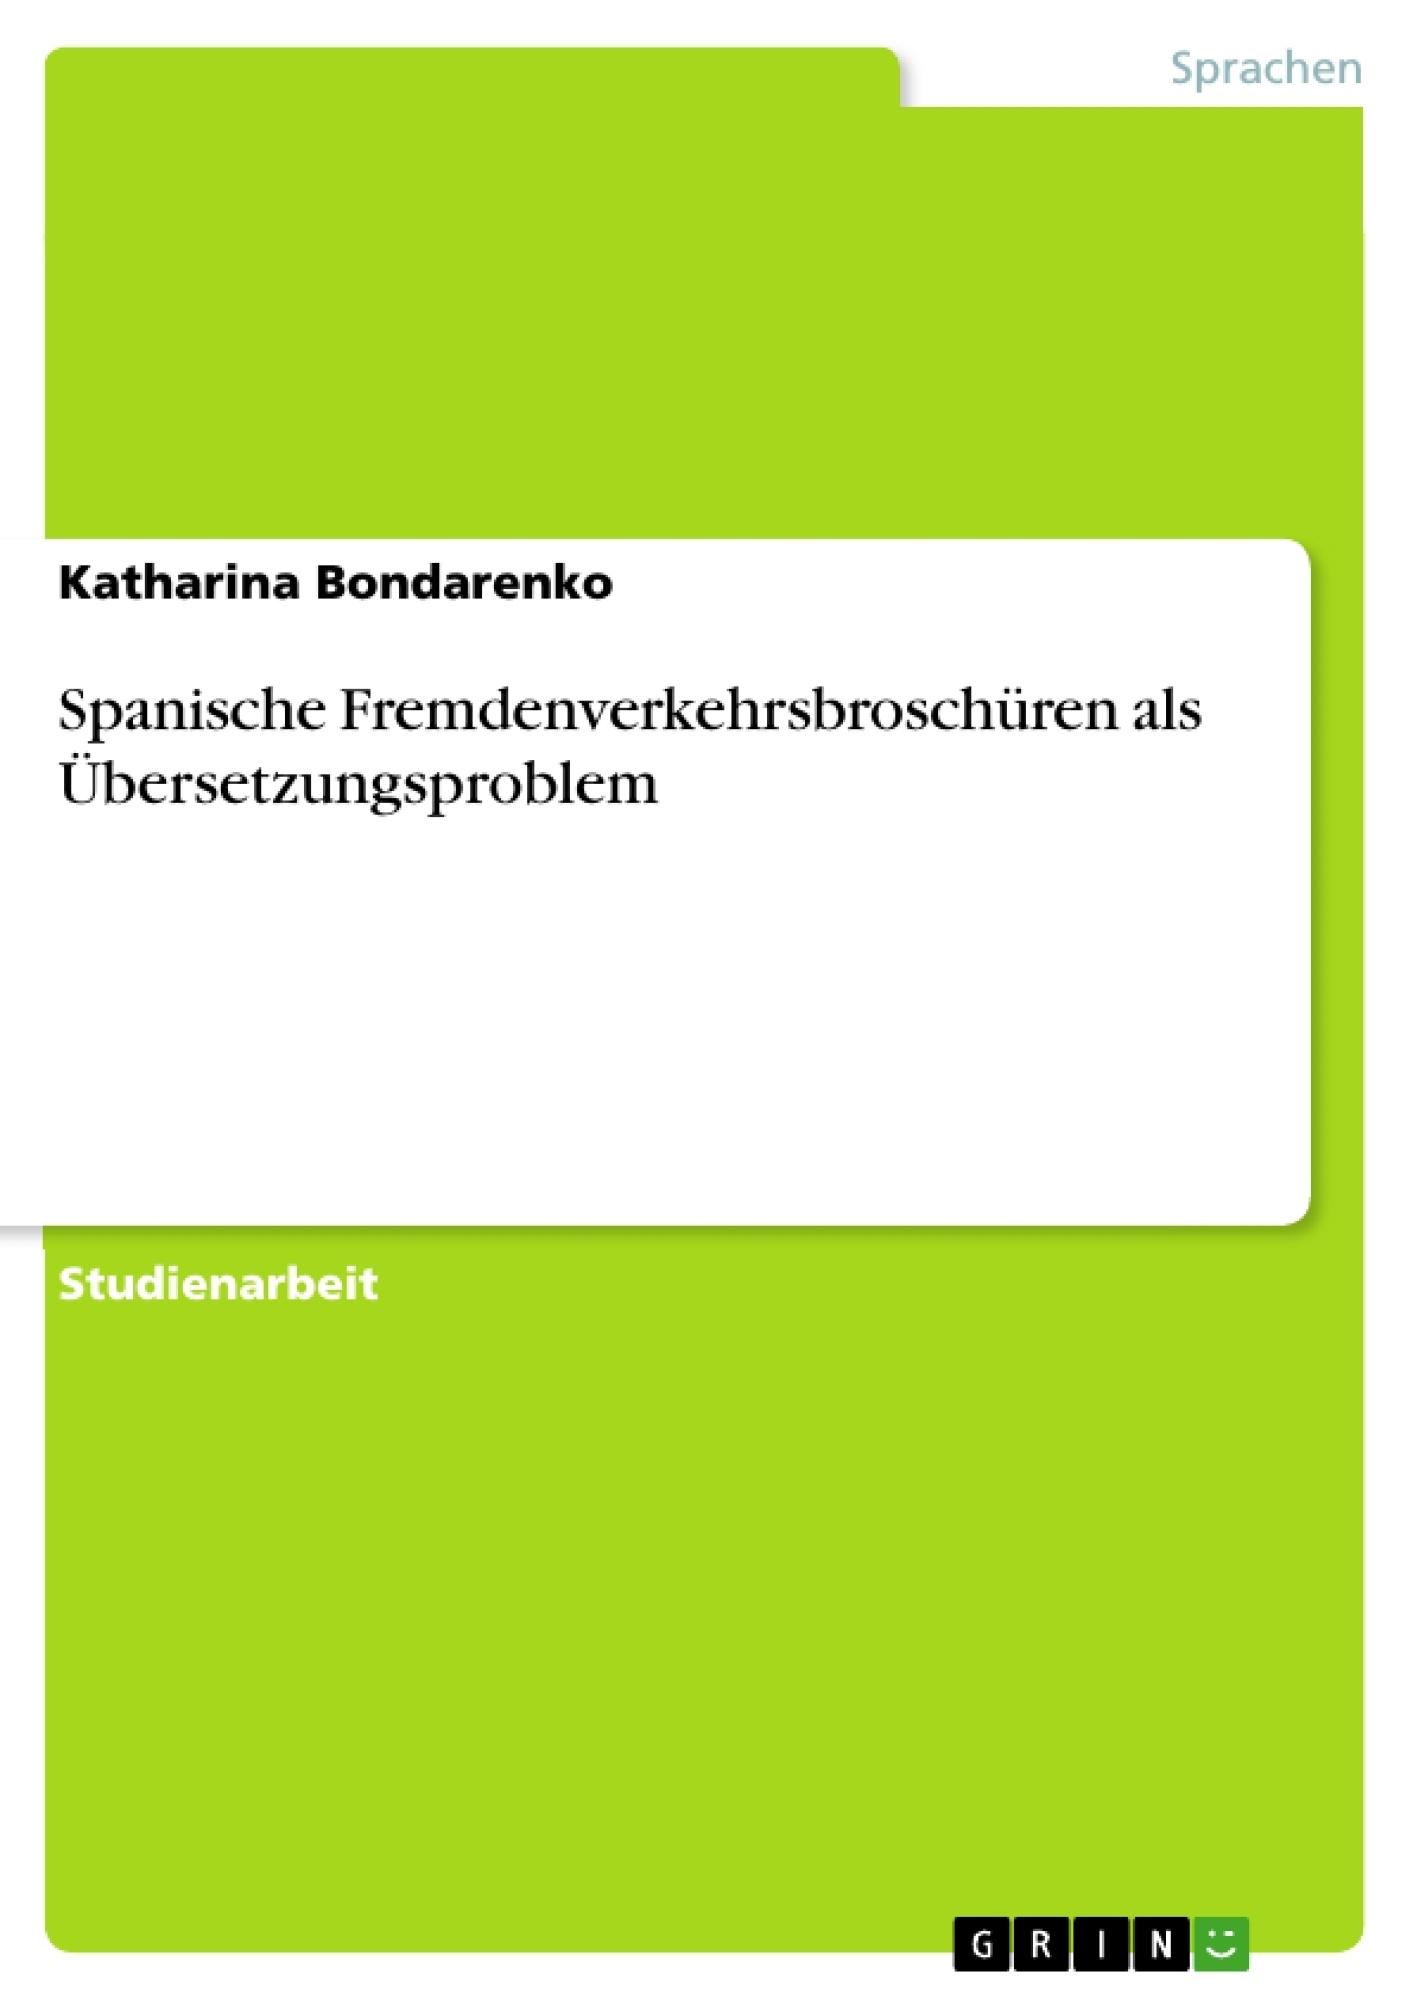 Titel: Spanische Fremdenverkehrsbroschüren als Übersetzungsproblem